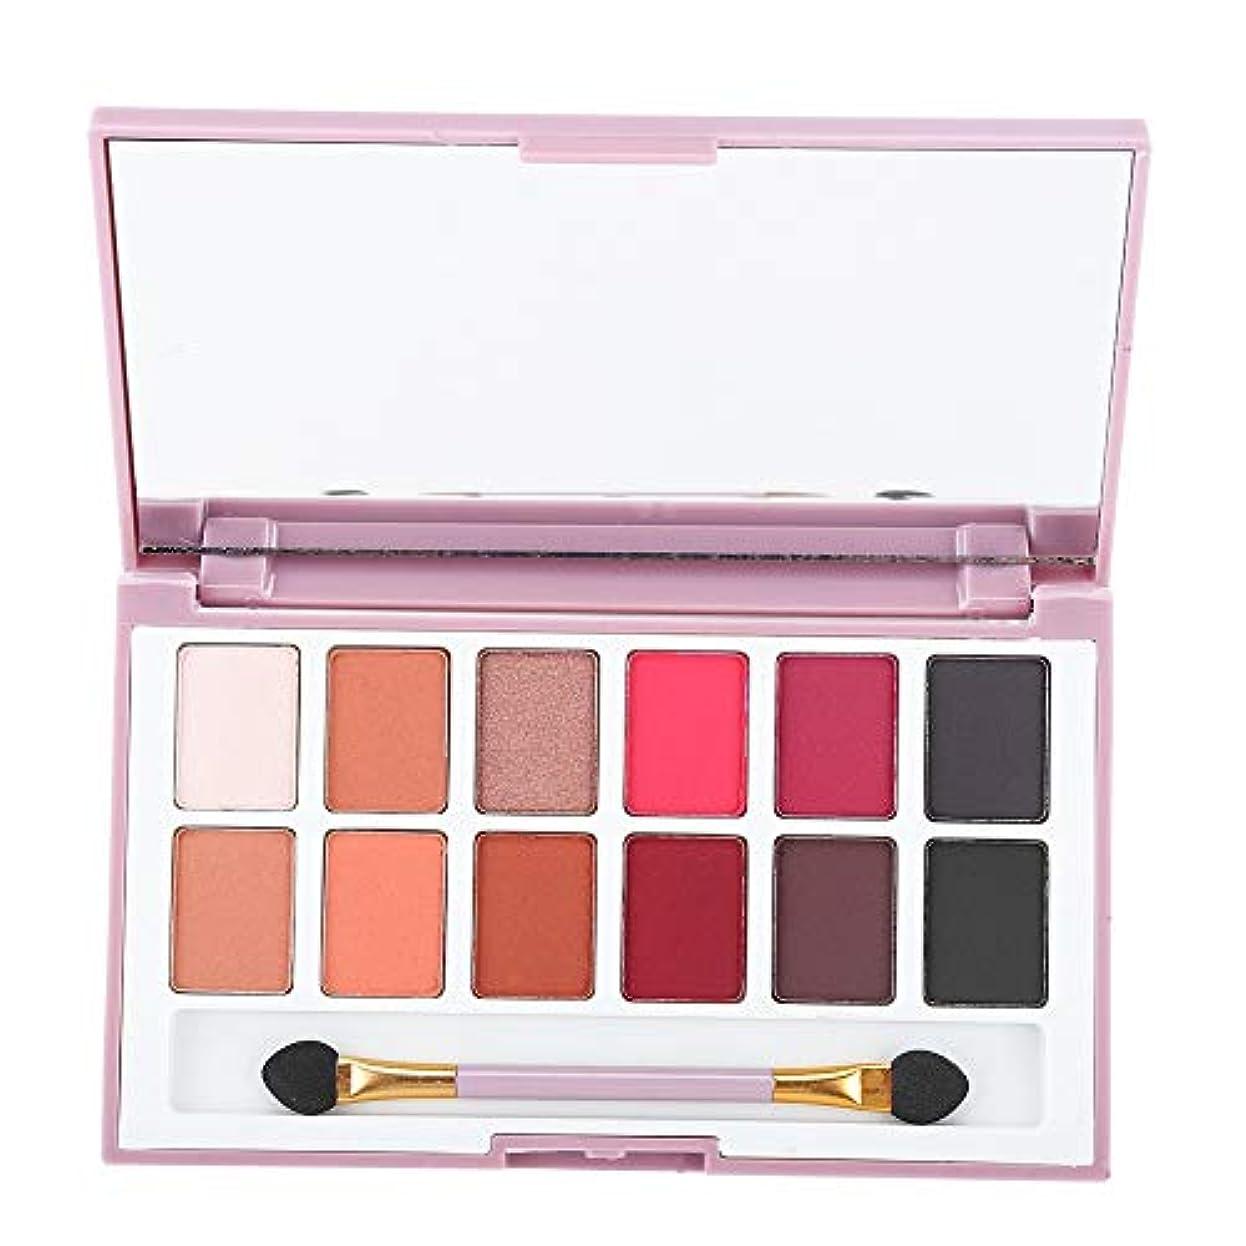 エレガント答えヘッジアイシャドウパレット 12色 化粧マット 化粧品ツール アイシャドウパウダー グロス (01)